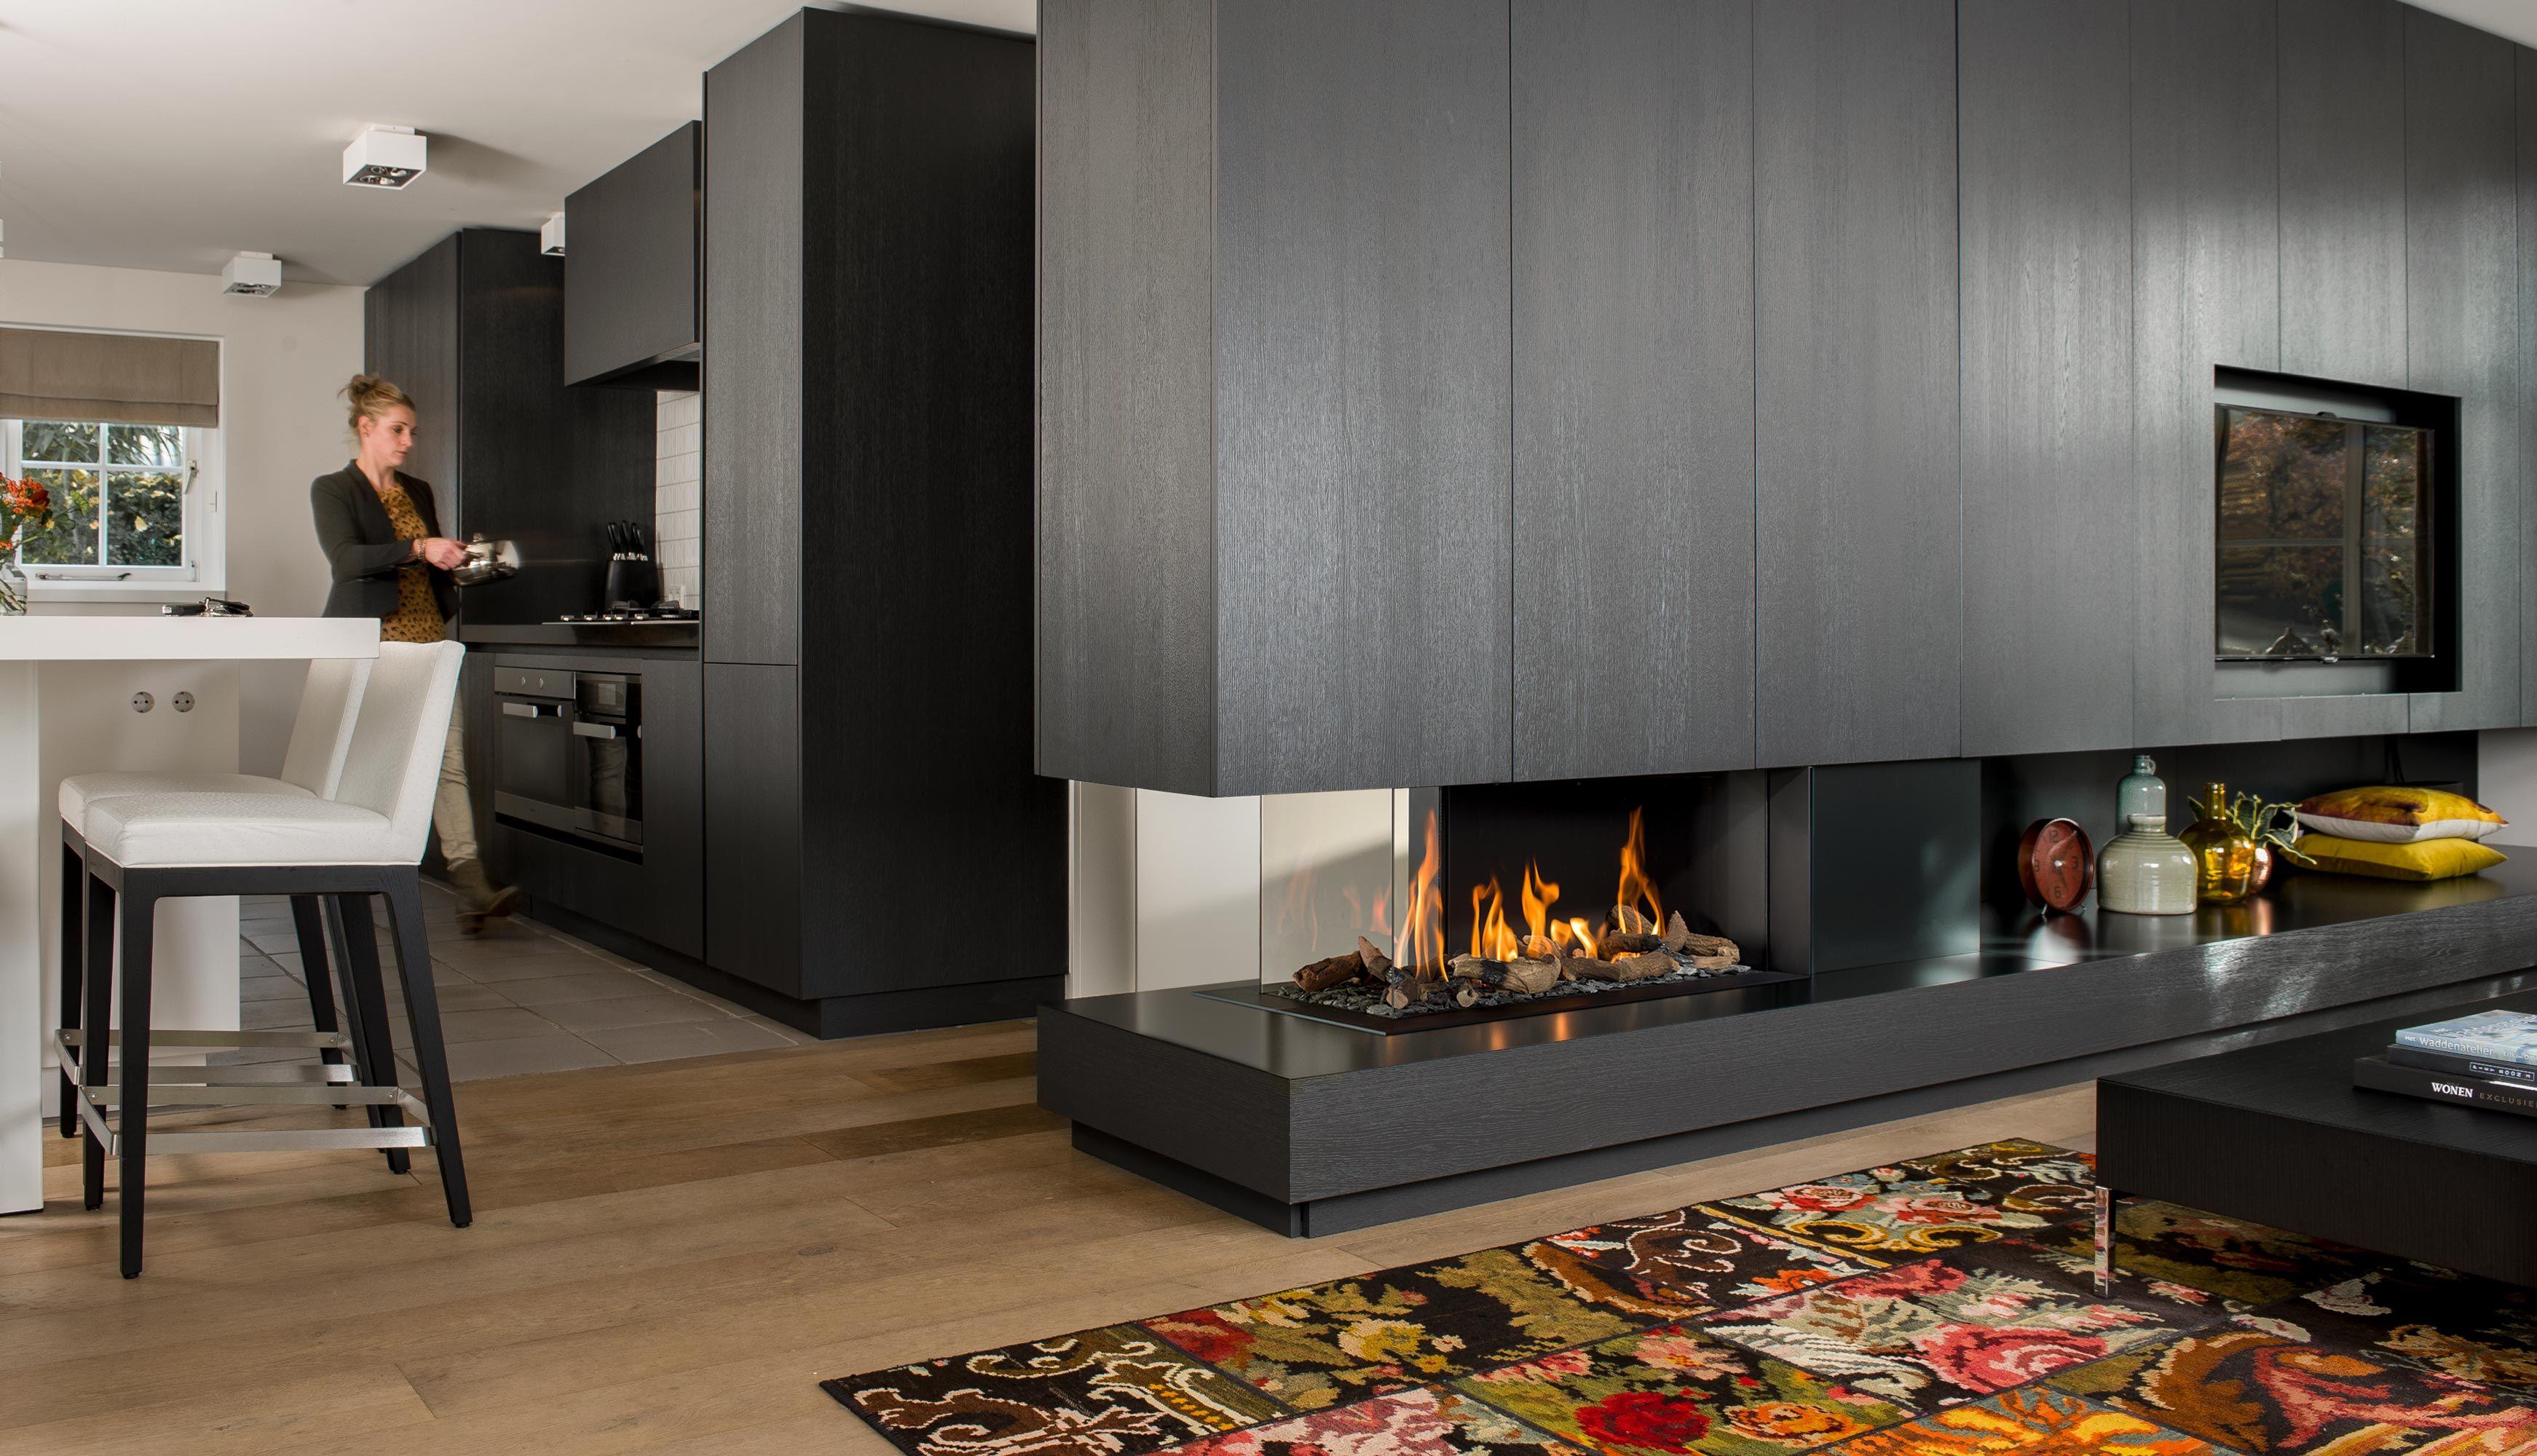 Bellfires Room Divider Large 3 Gas Fireplace